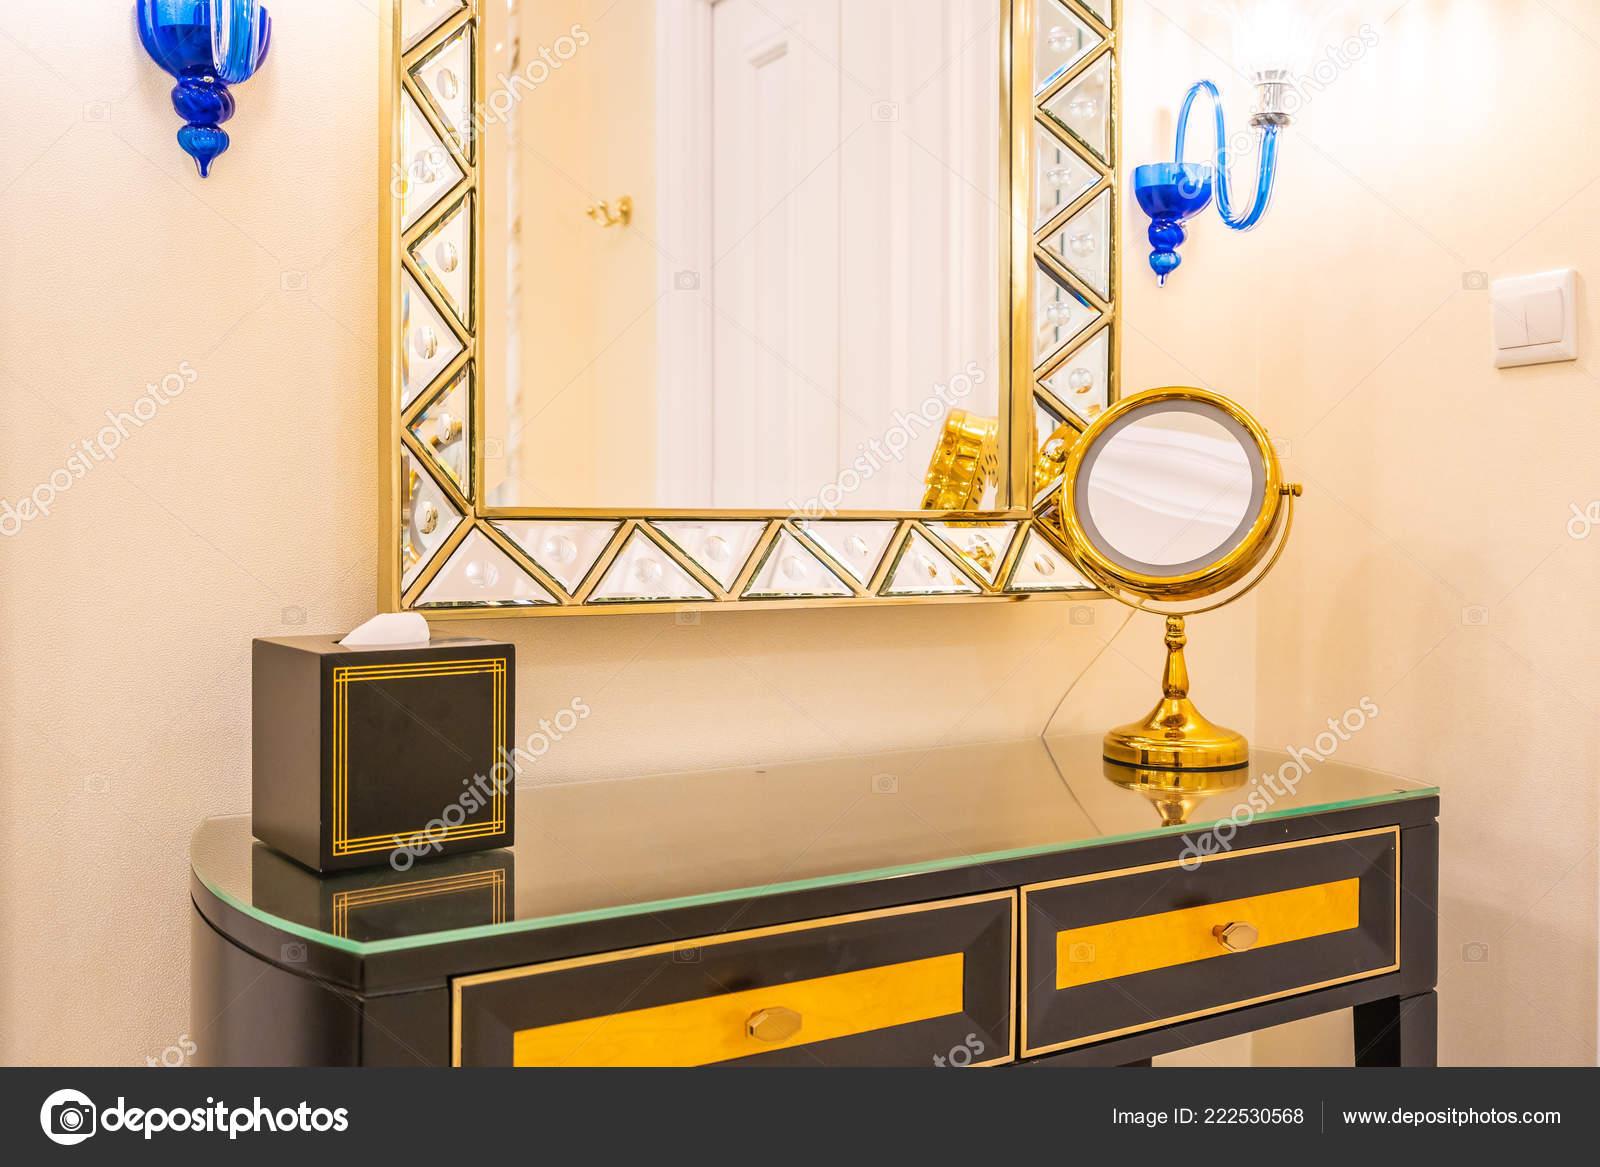 Grote Kaptafel Met Spiegel.Mooie Luxe Kaptafel Met Grote Spiegel Stoel Decoratie